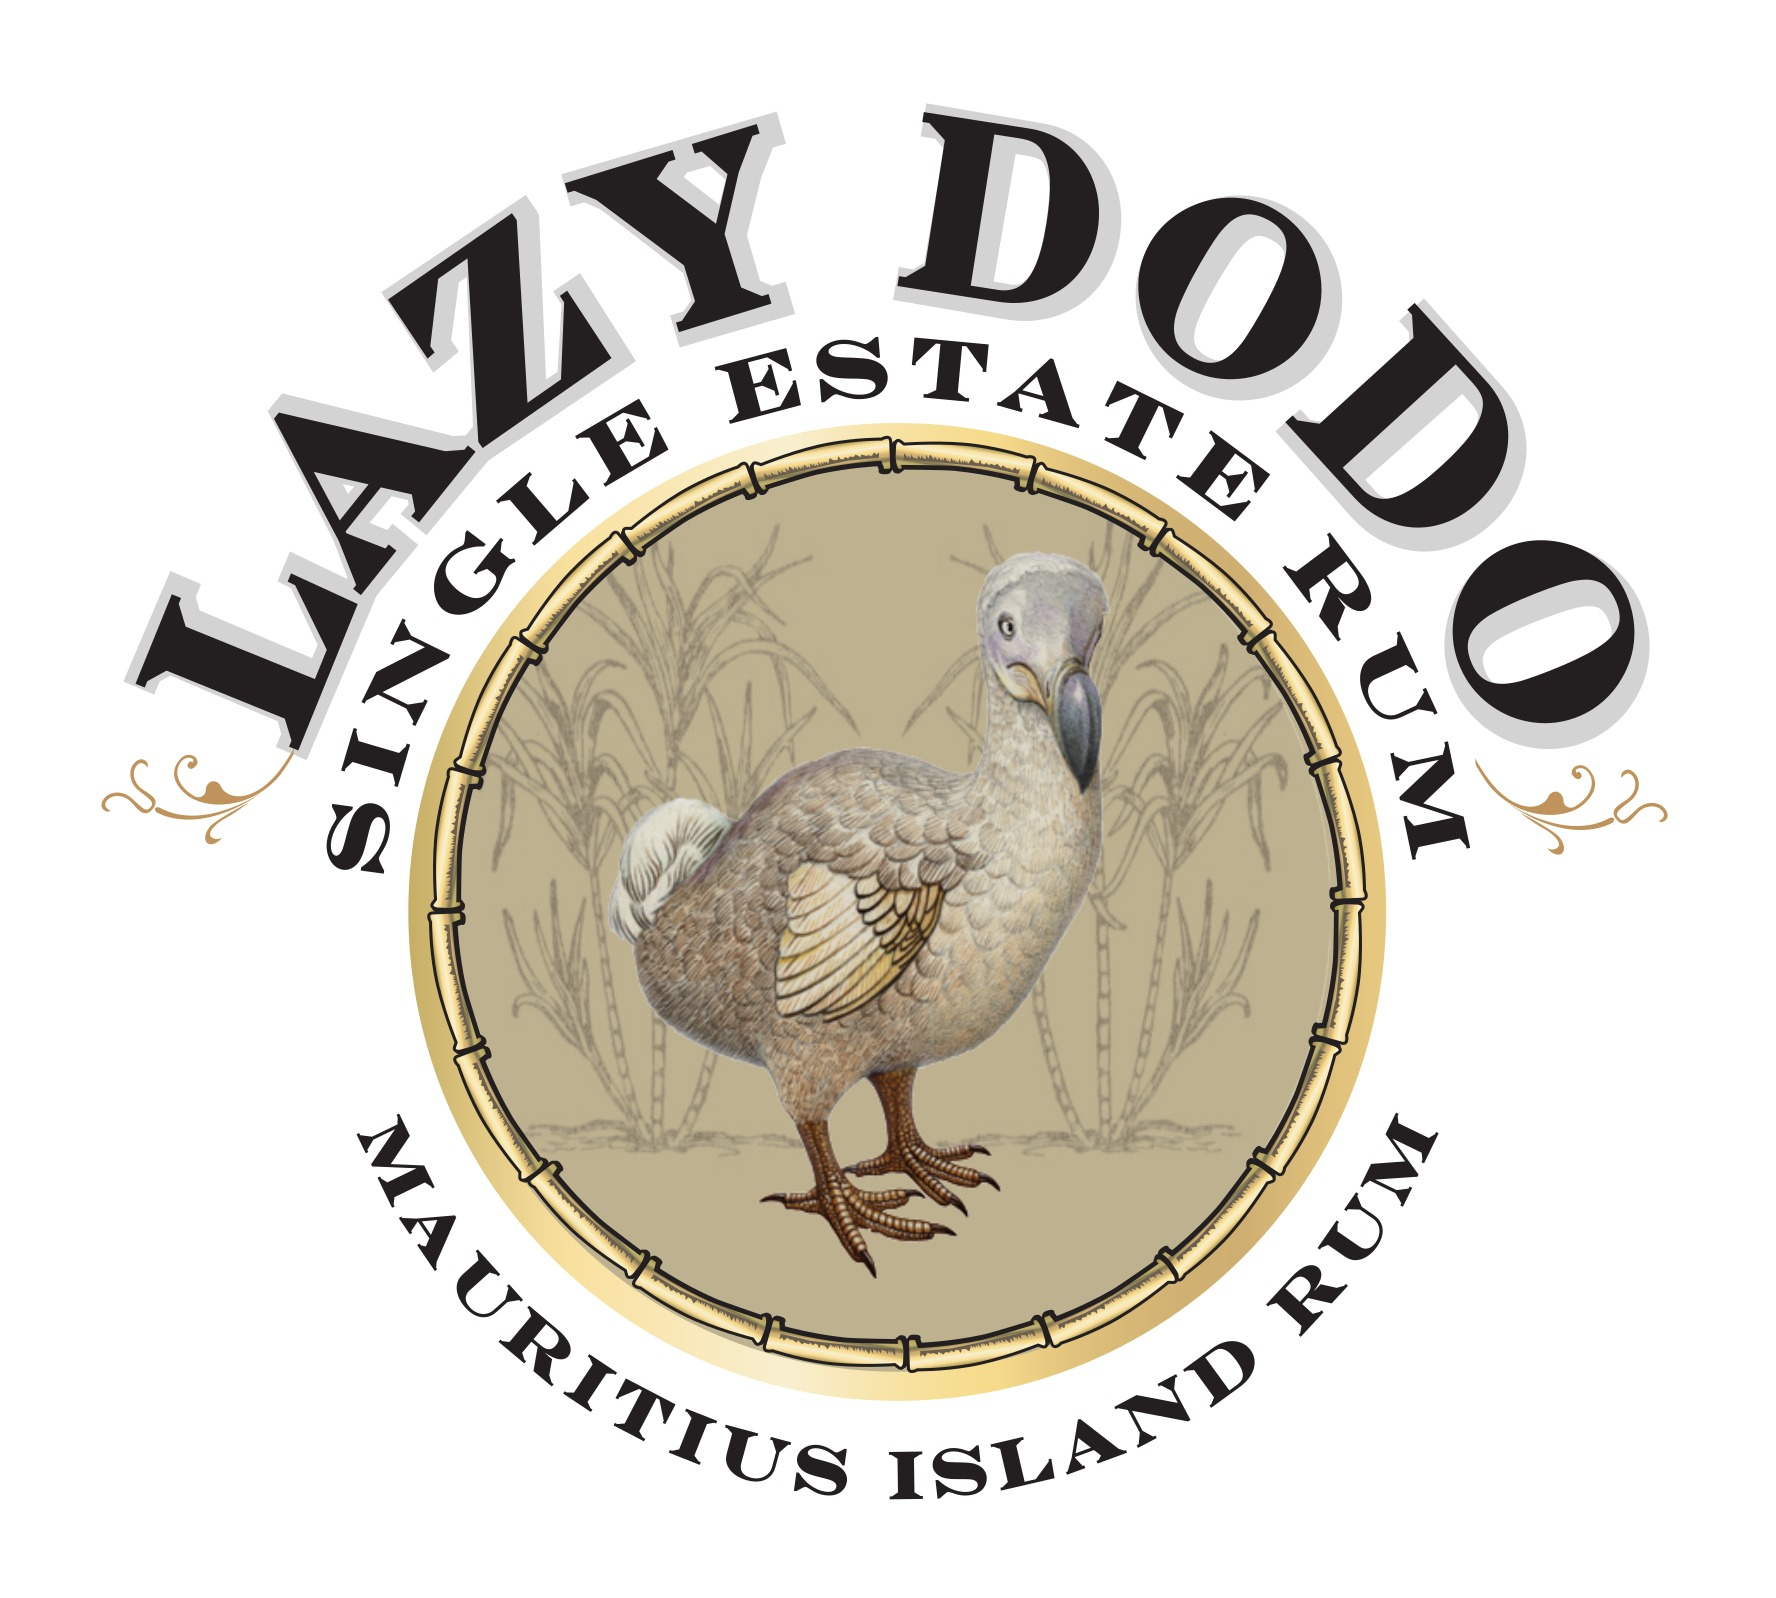 Weltpremiere LAZY DODO auf dem 6GRF